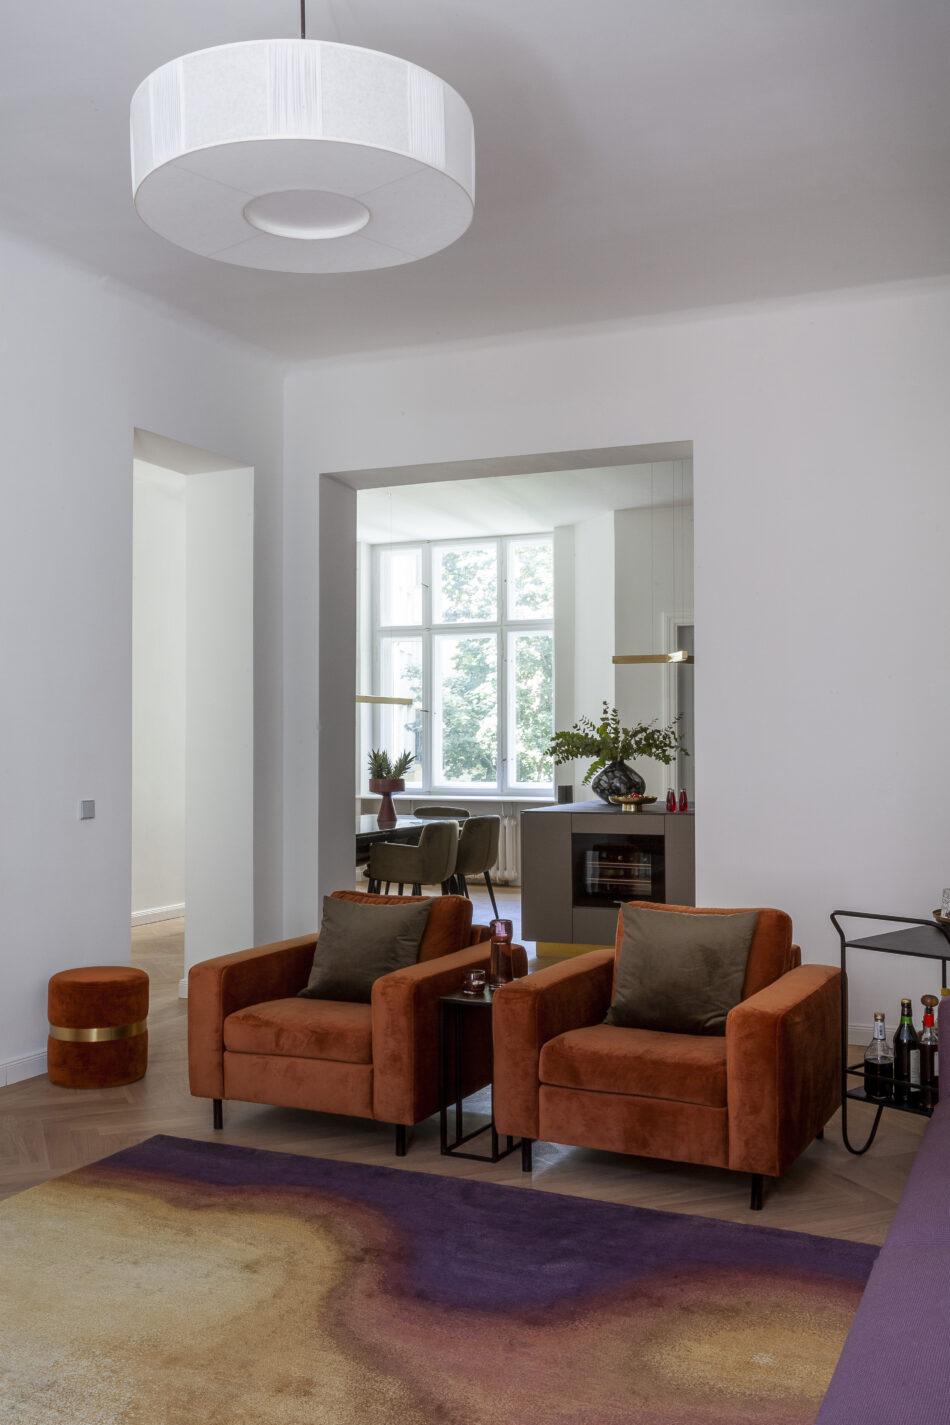 Antonius Schimmelbusch_Apartment_Berlin_Anne-Catherine Scoffoni_privat_27